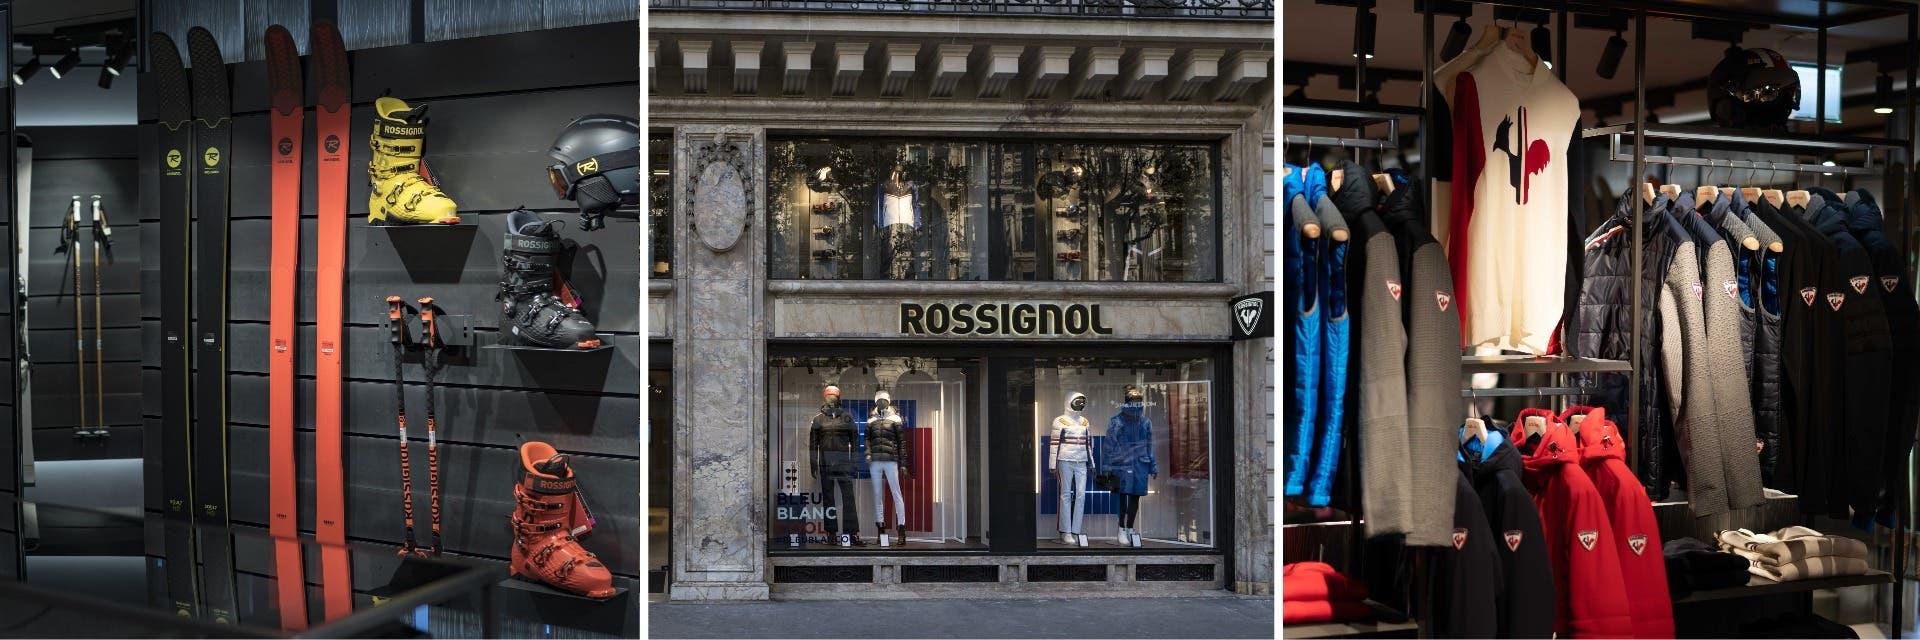 Rossignol Paris